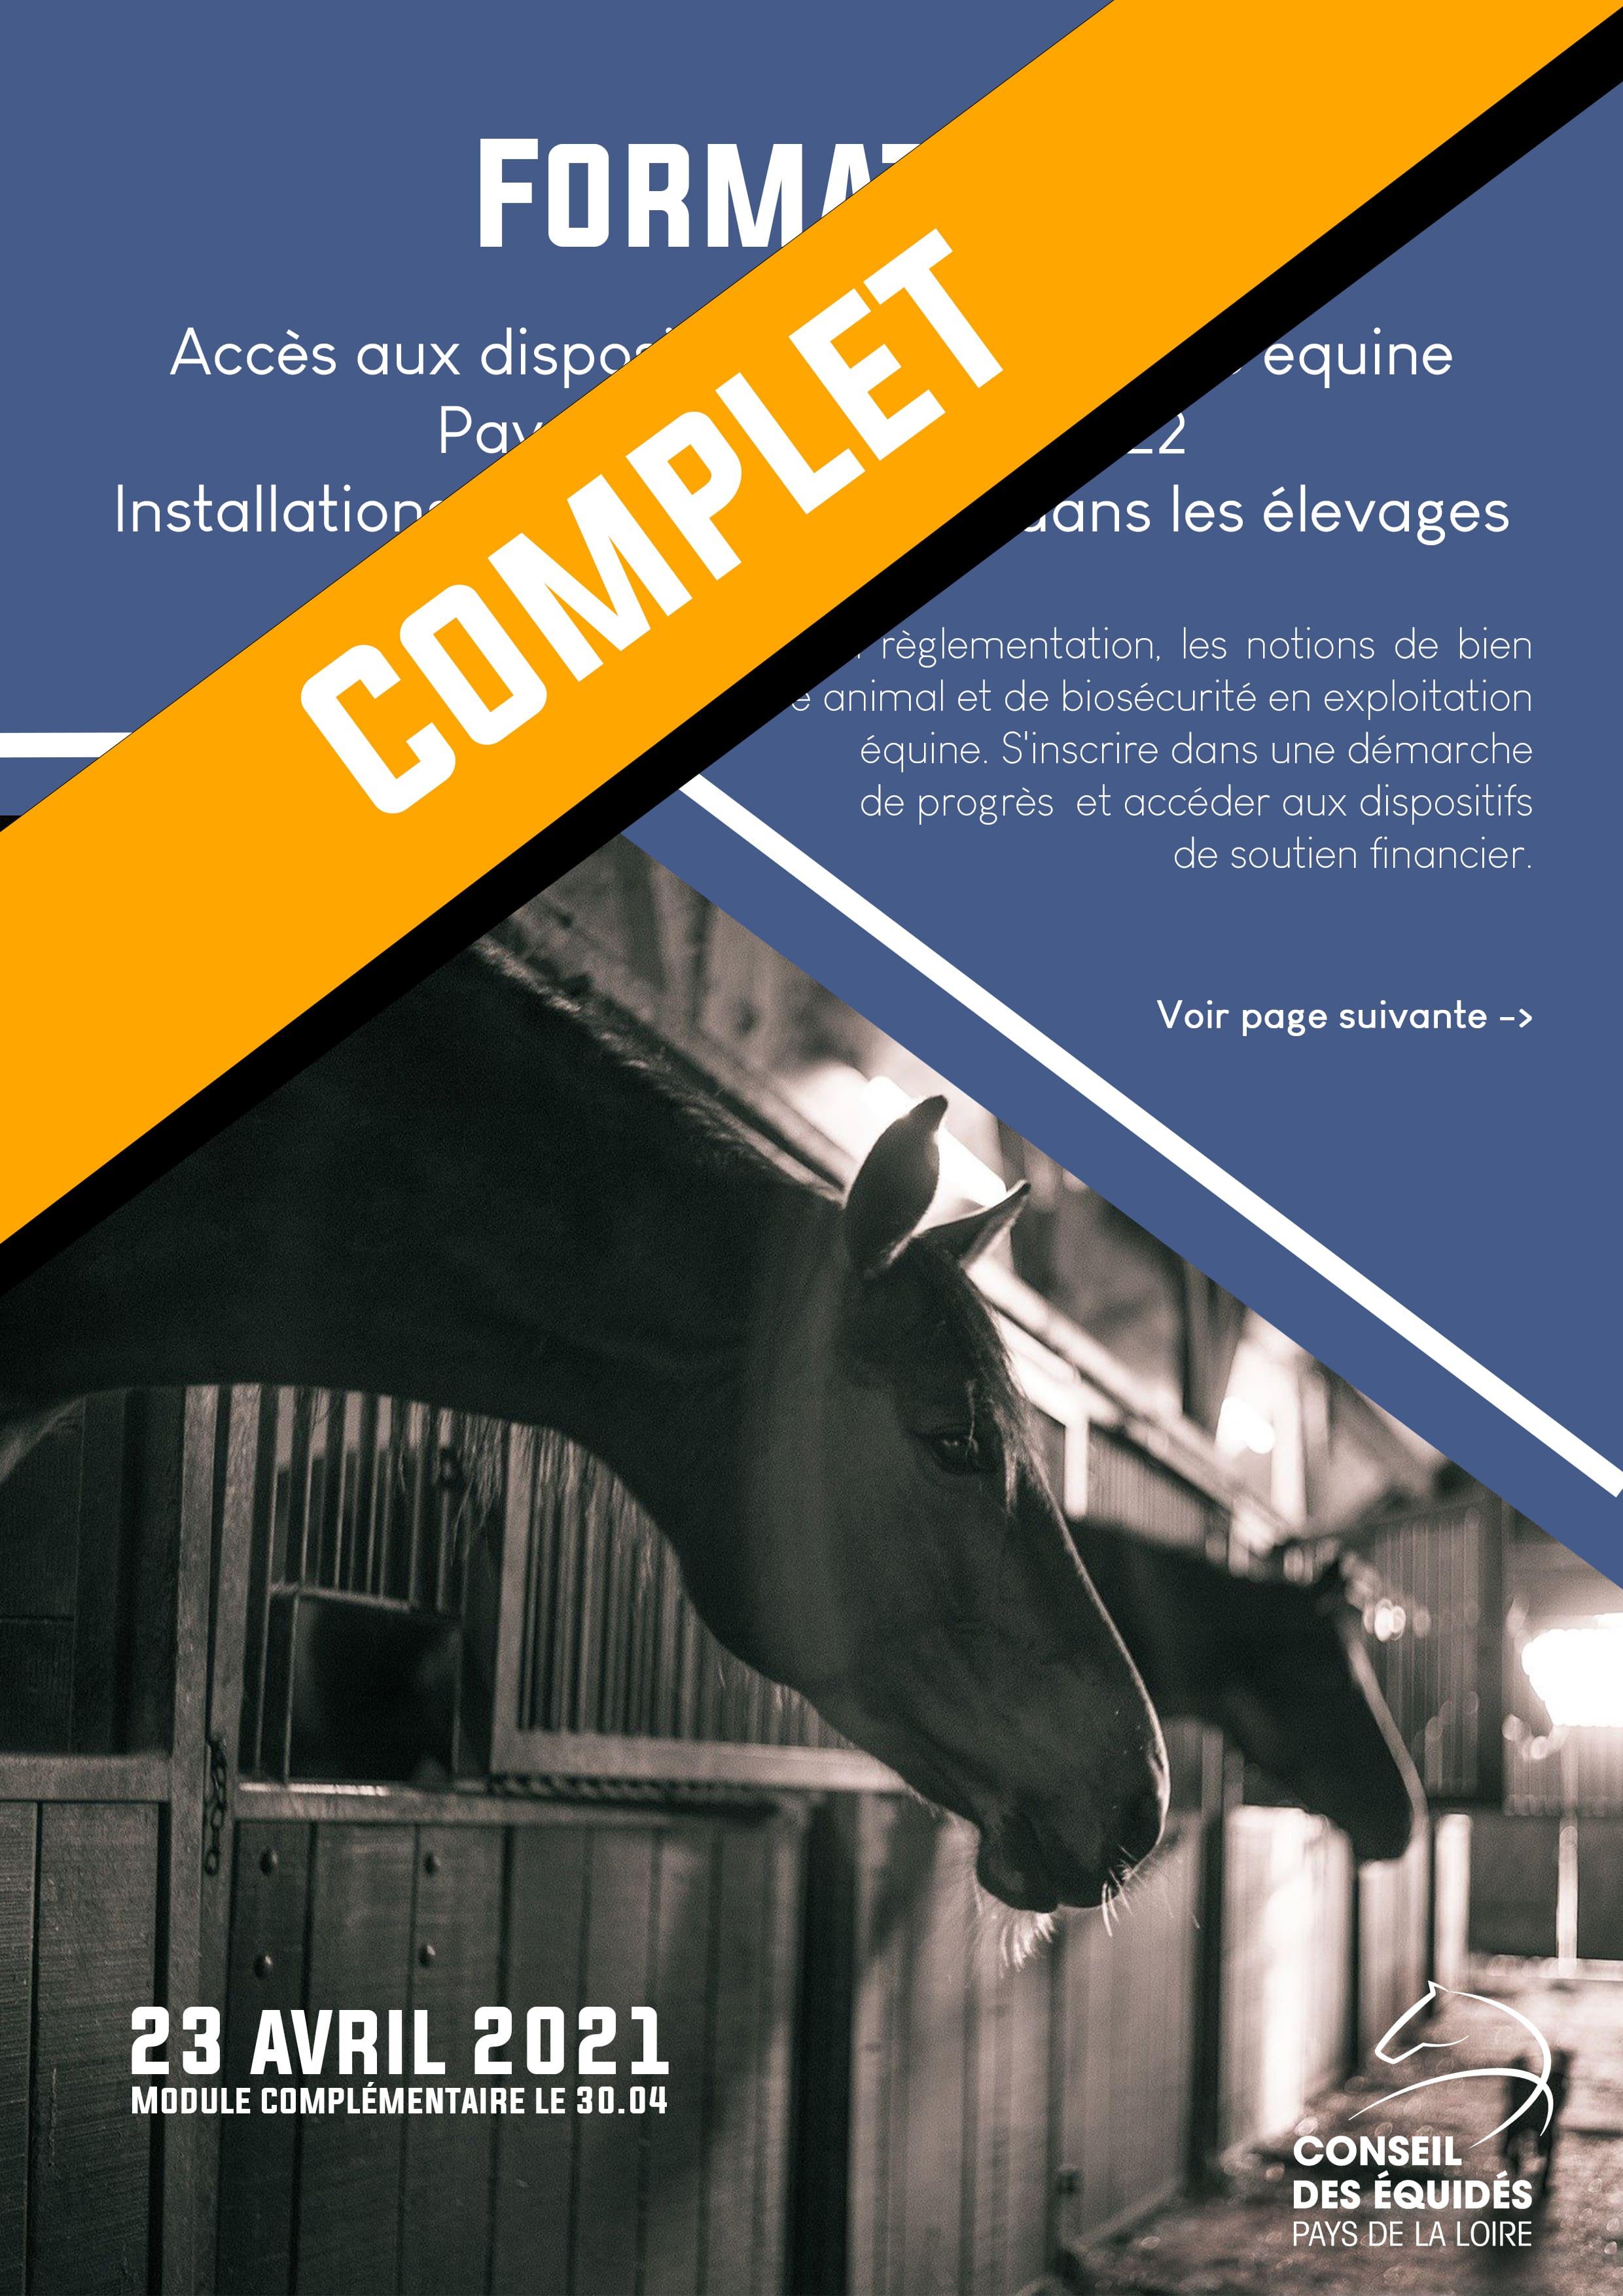 Aide aux investissements filière équine Pays de la Loire - formation le 23 avril 2021 [Complet]